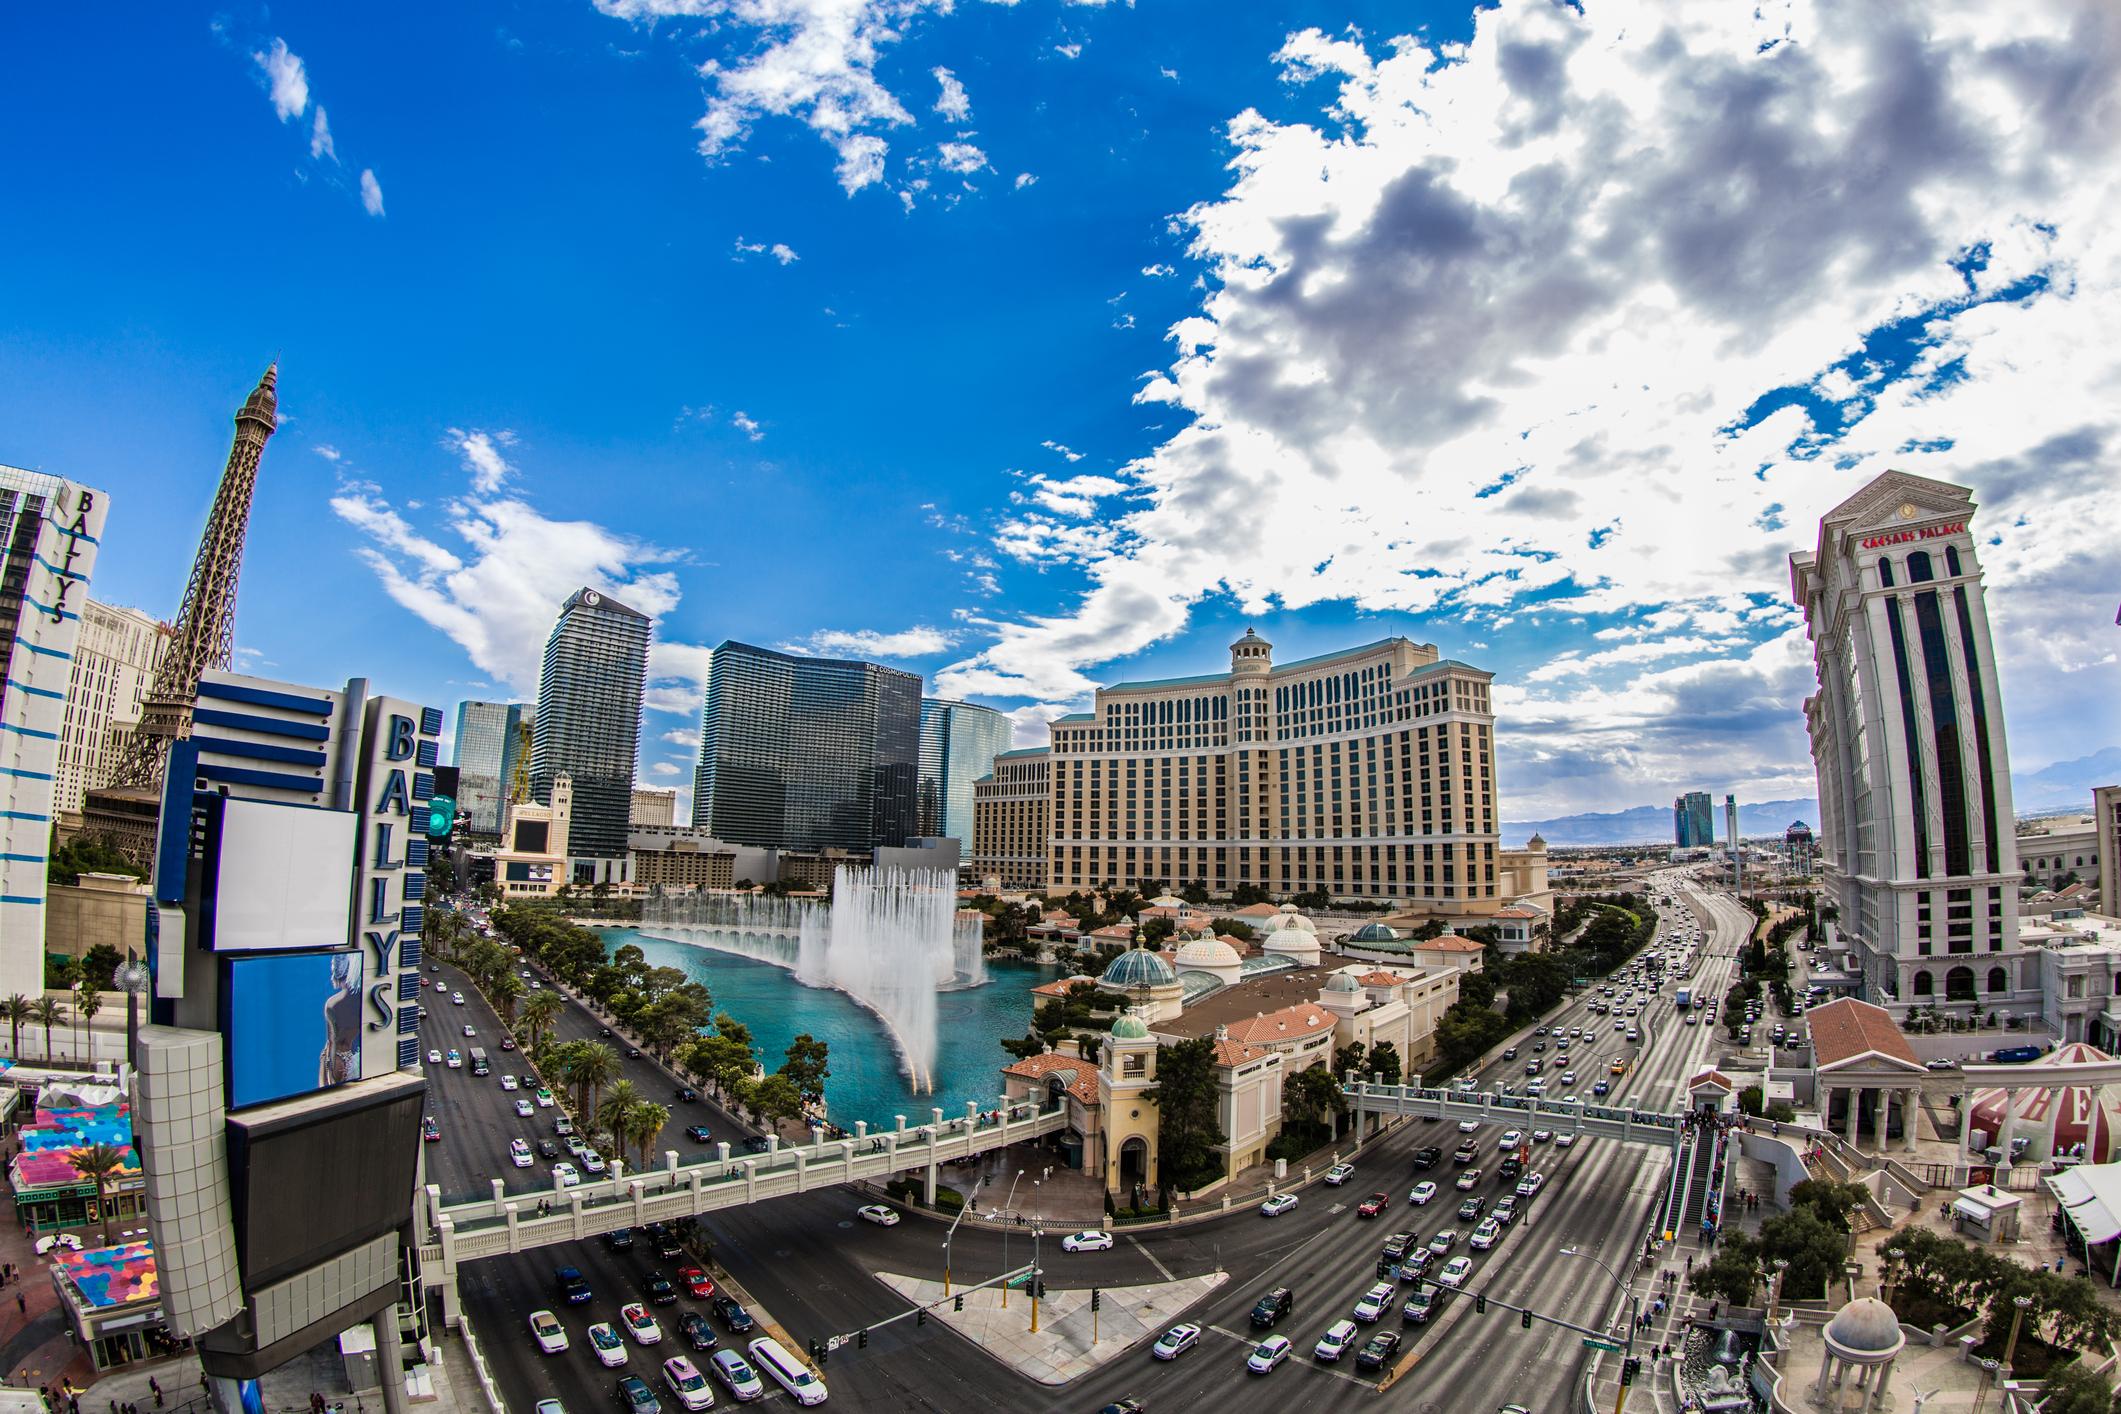 Panoramic of the Las Vegas Strip.